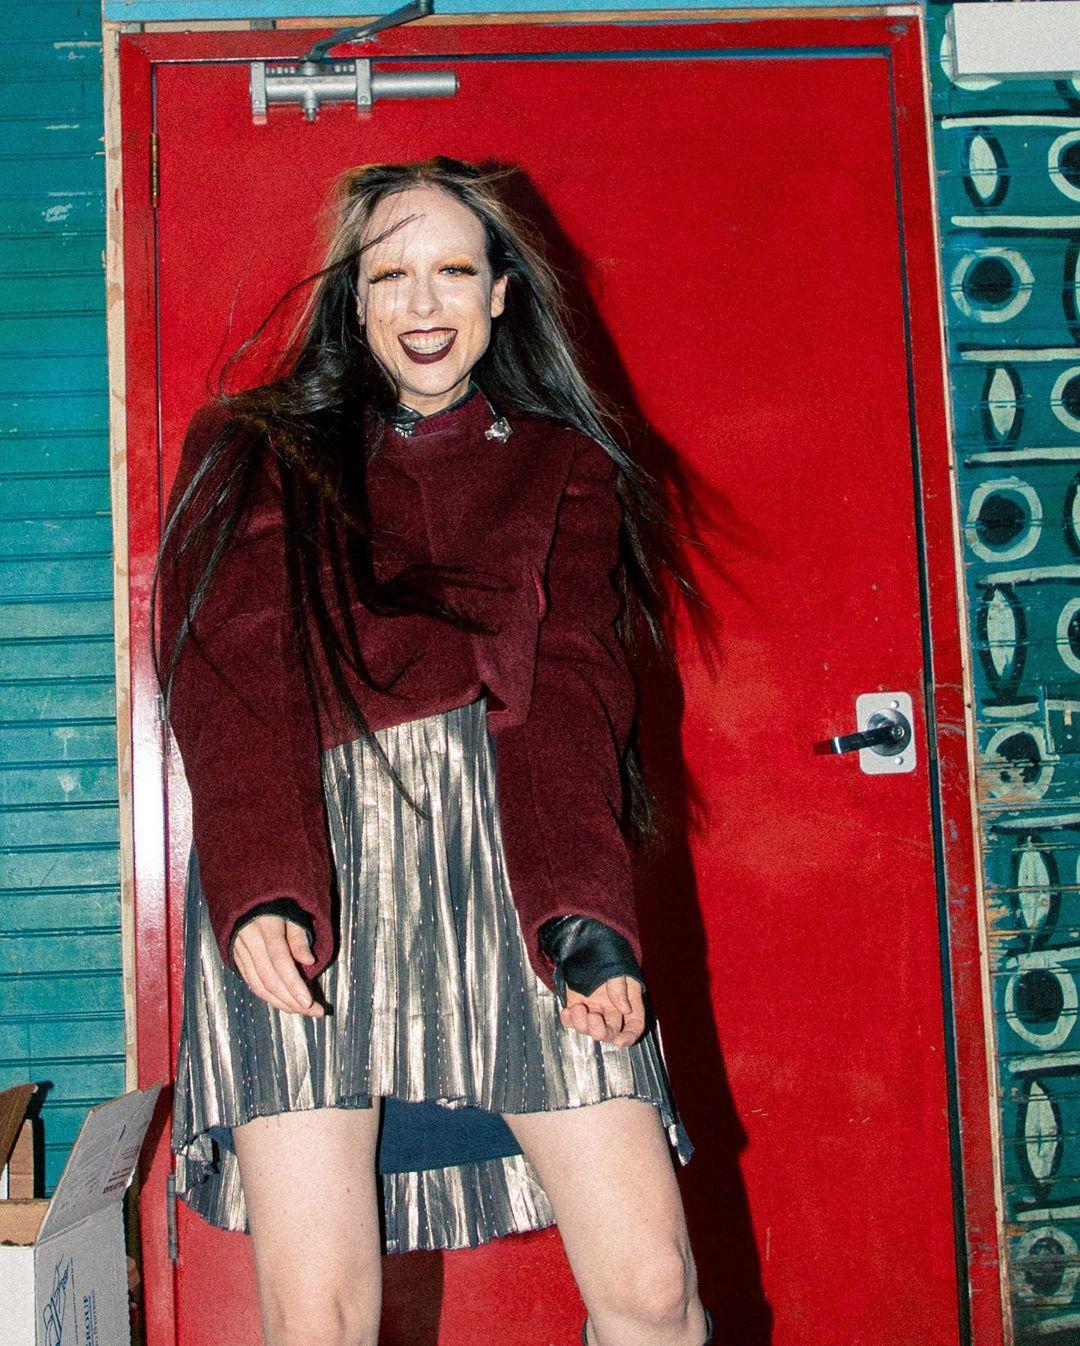 8 lanzamientos recientes que debes escuchar: Allie X + Perfume Genius + Marilyn Manson y más